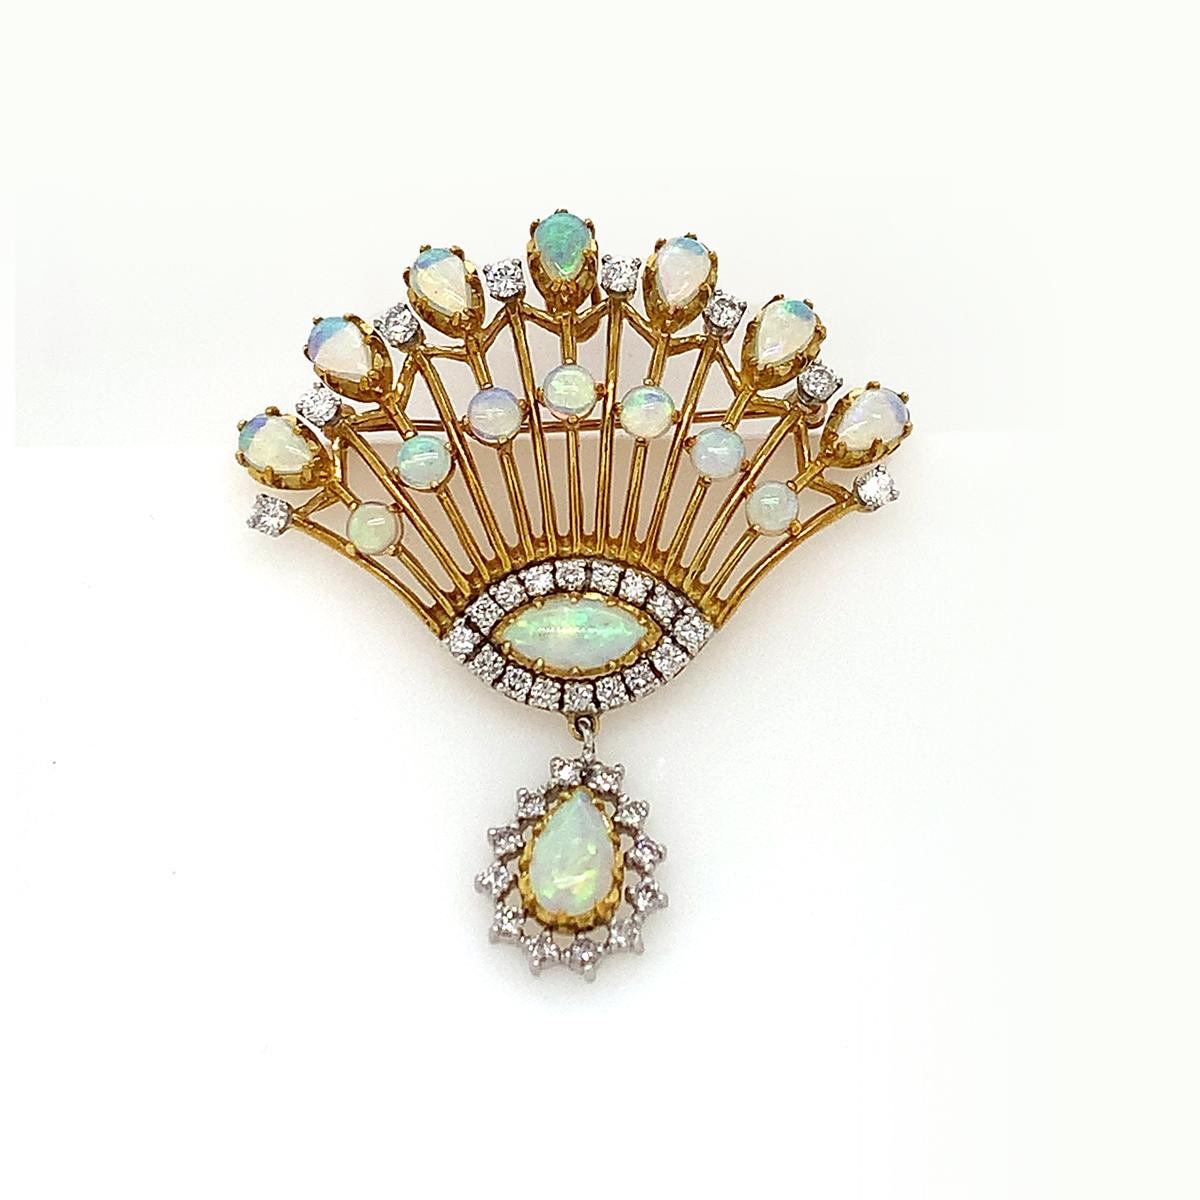 Vintage 14 Karat Yellow Gold Opal Fan Pin/Pendant